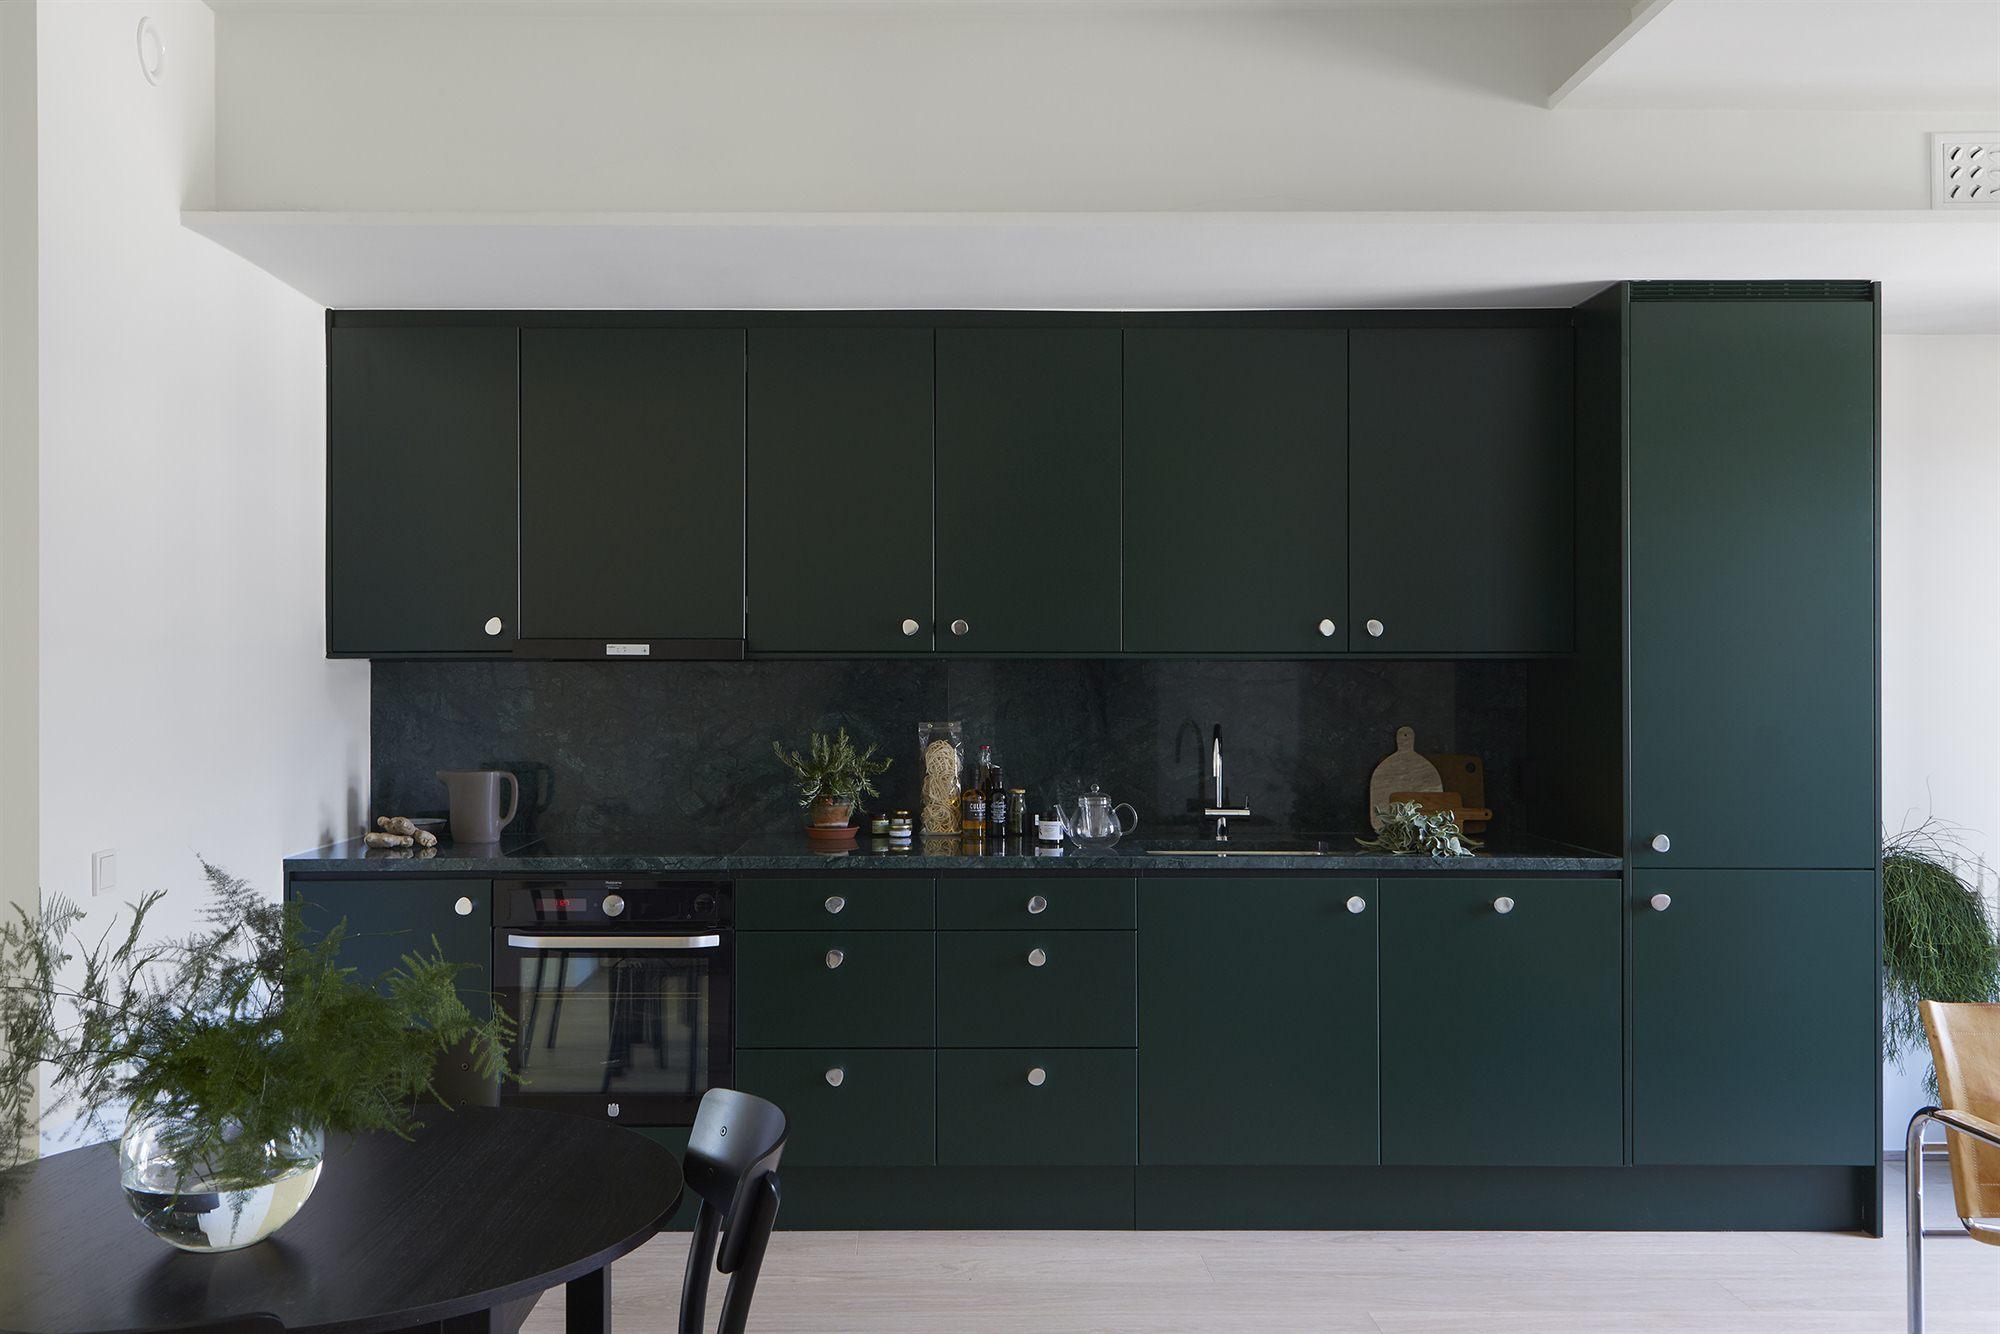 Donkergroene scandinavische keuken interieur inrichting - Scandinavische keuken ...